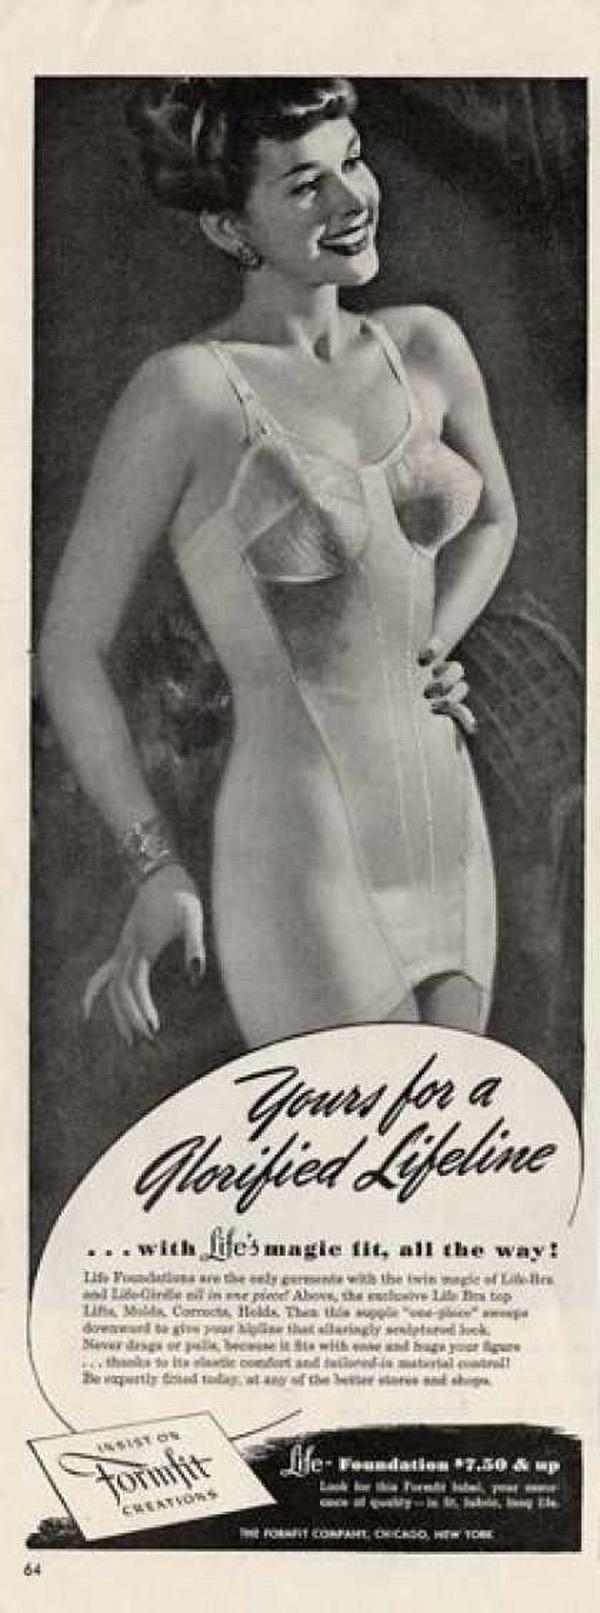 edited 1940 ad